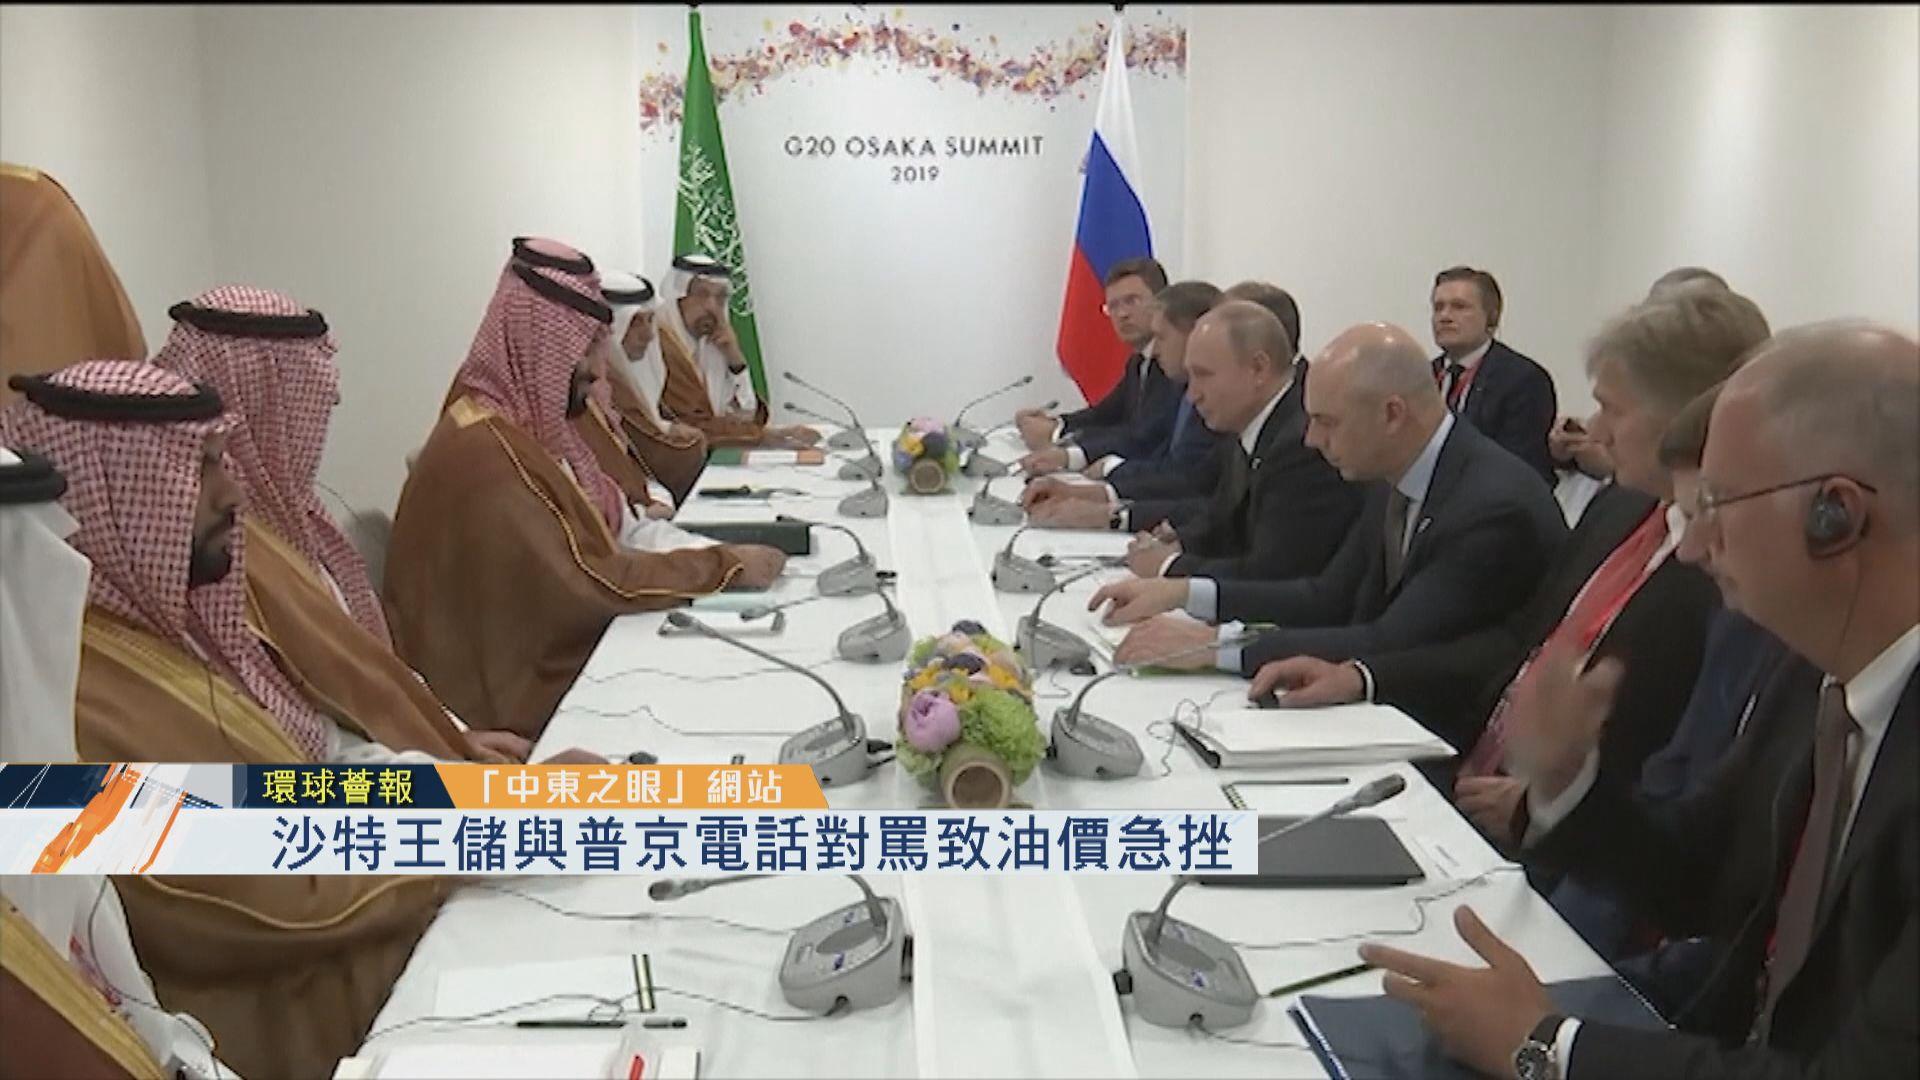 【環球薈報】沙特王儲與普京電話對罵致油價急挫